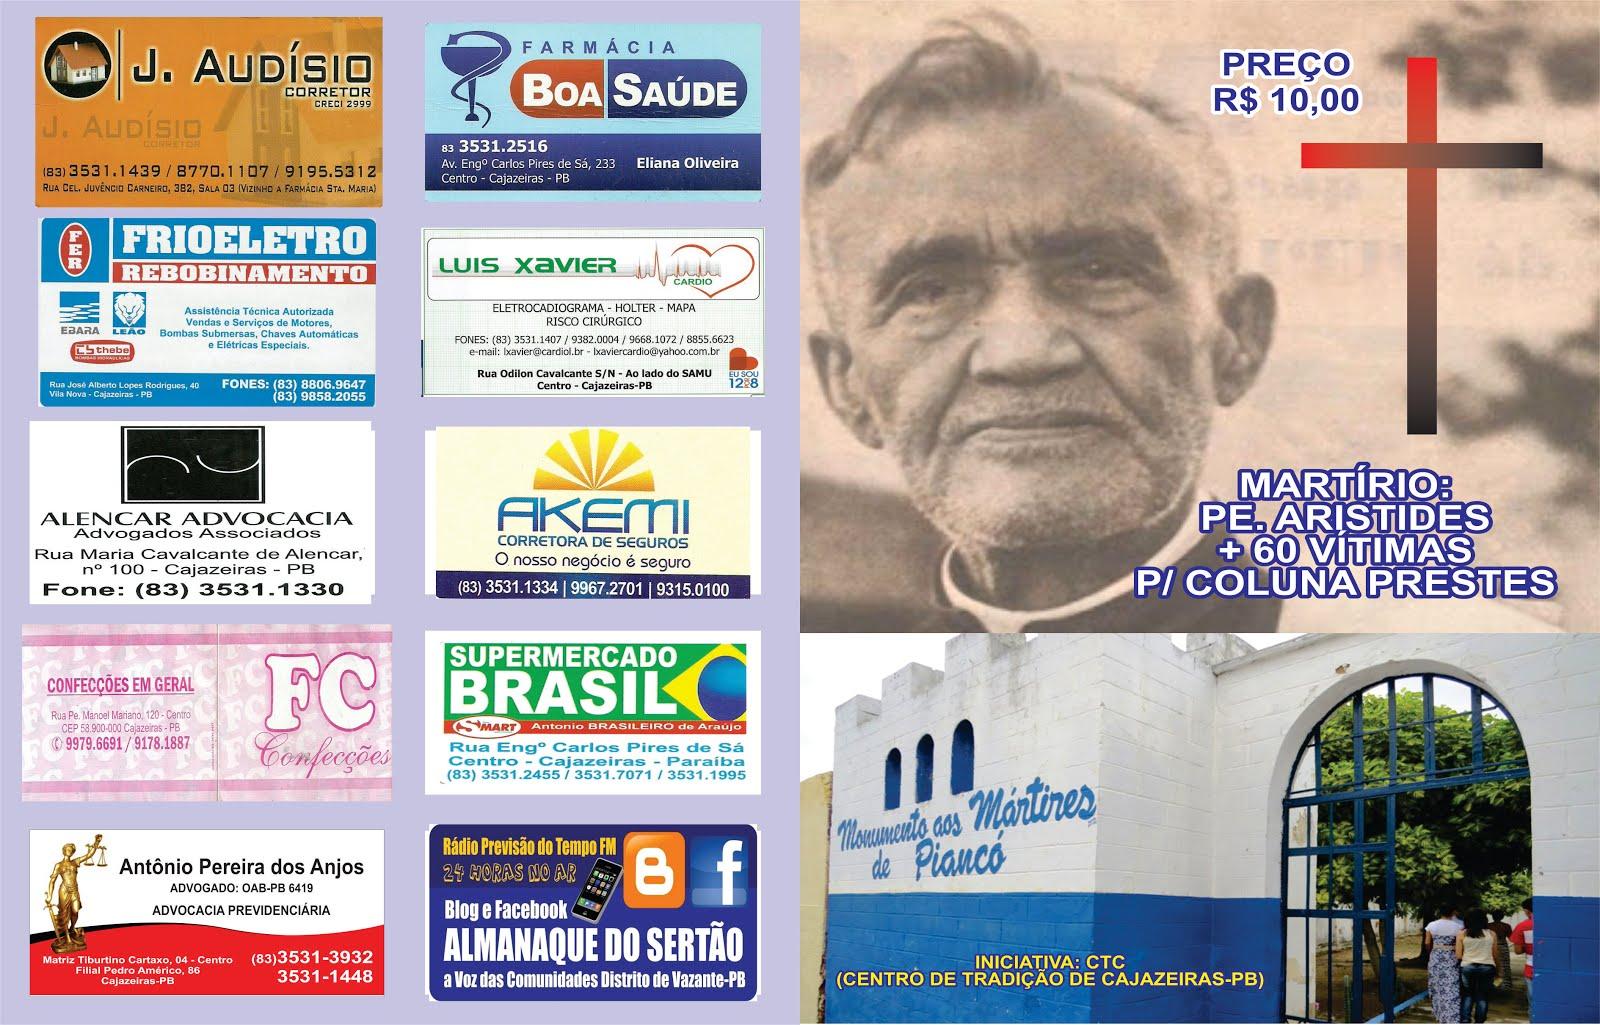 FOLHETO A SER LANÇADO EM PIANCDO NA FESTA DE SANTO ANTONIO